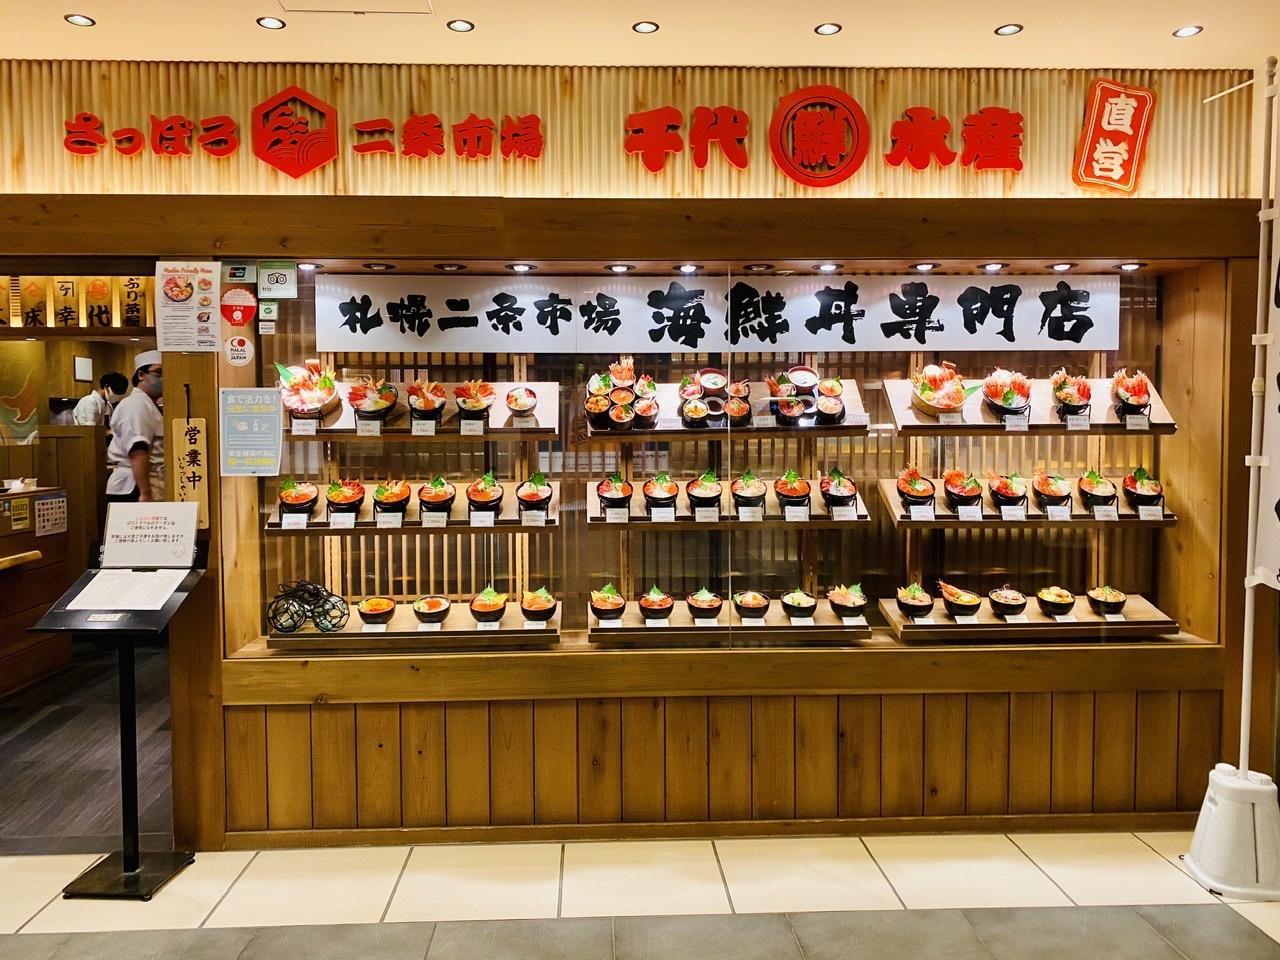 【新千歳空港グルメ】本場の海鮮丼を食べるならココ!鮮魚店直営《どんぶり茶屋》★_1